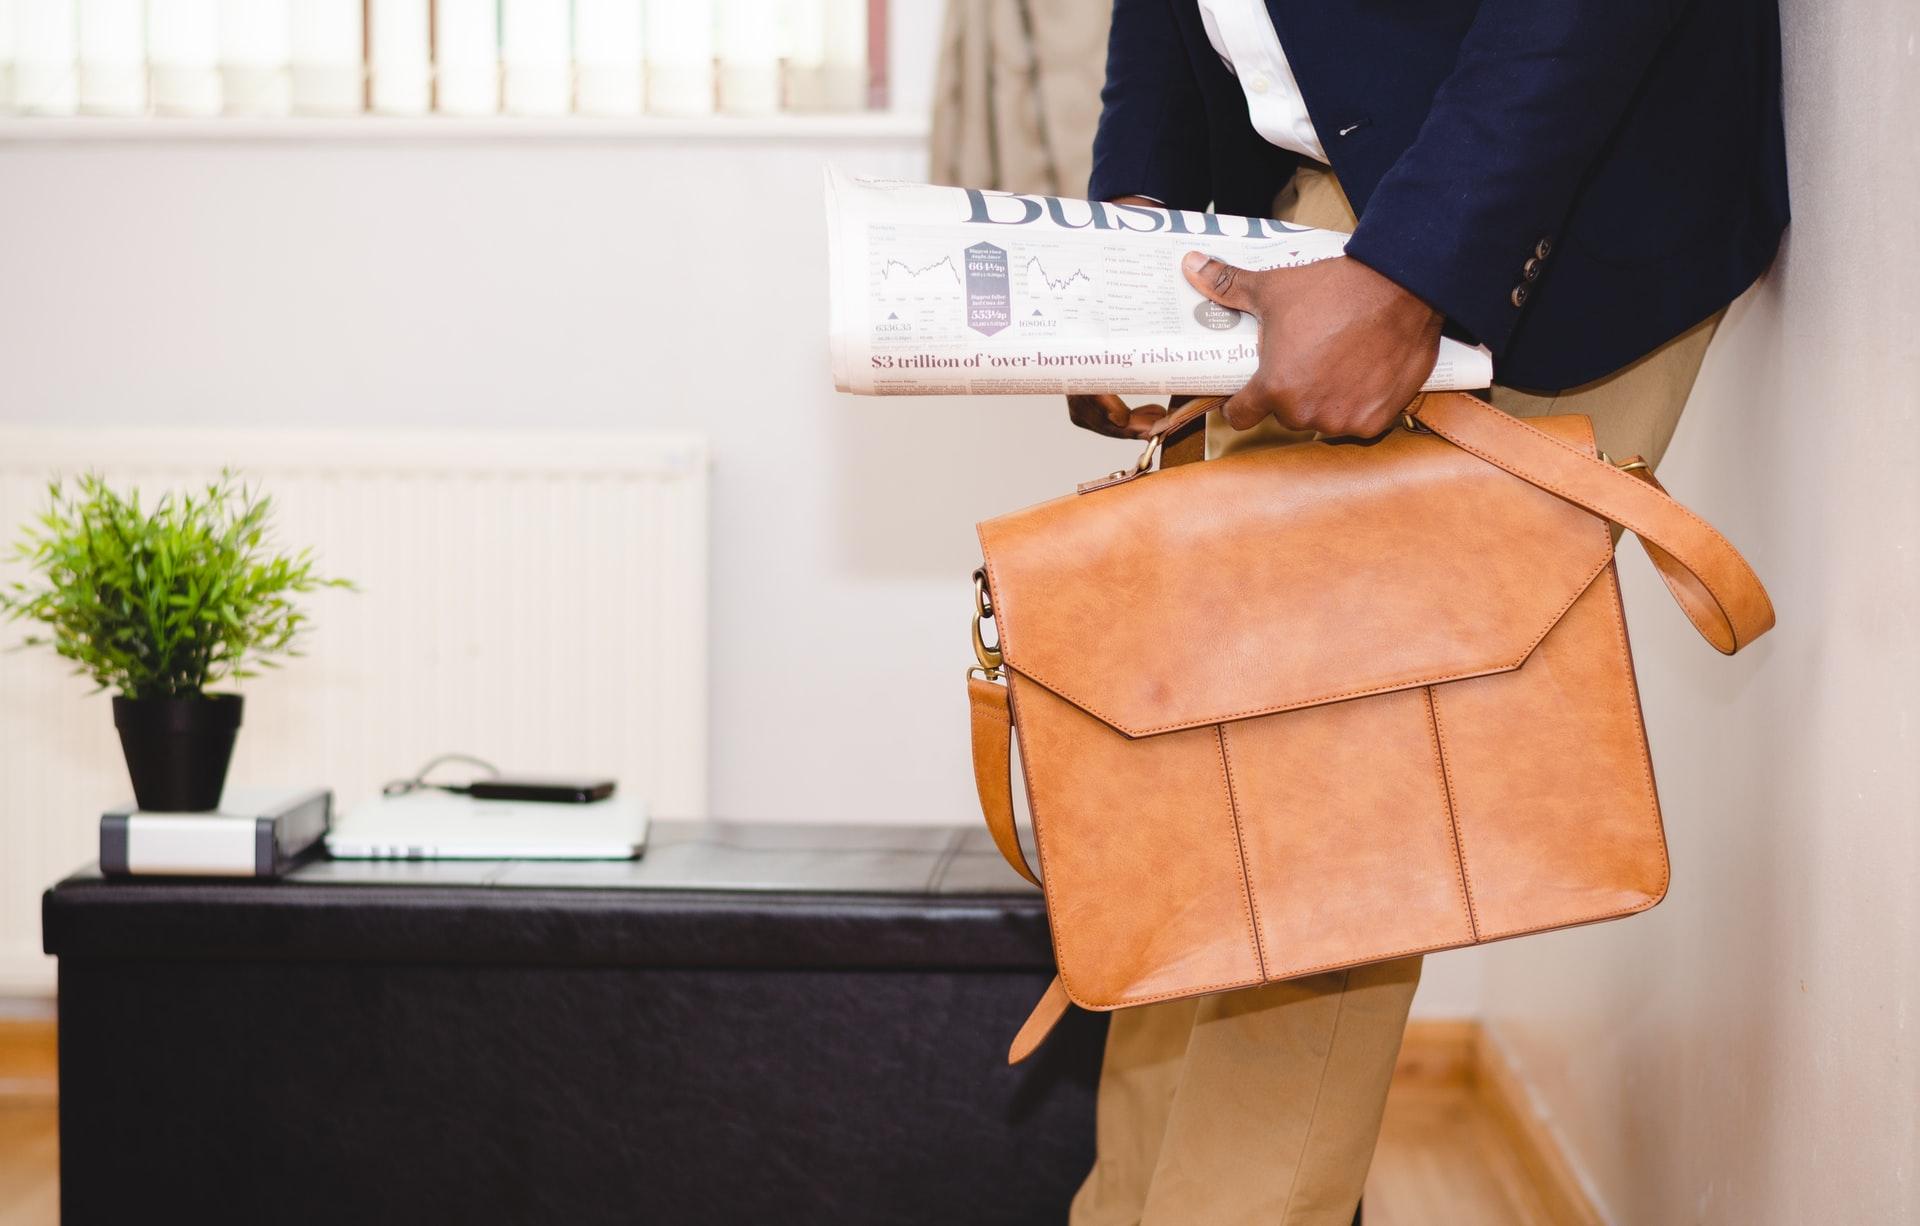 スーツを着たビジネスバッグを持つ男性